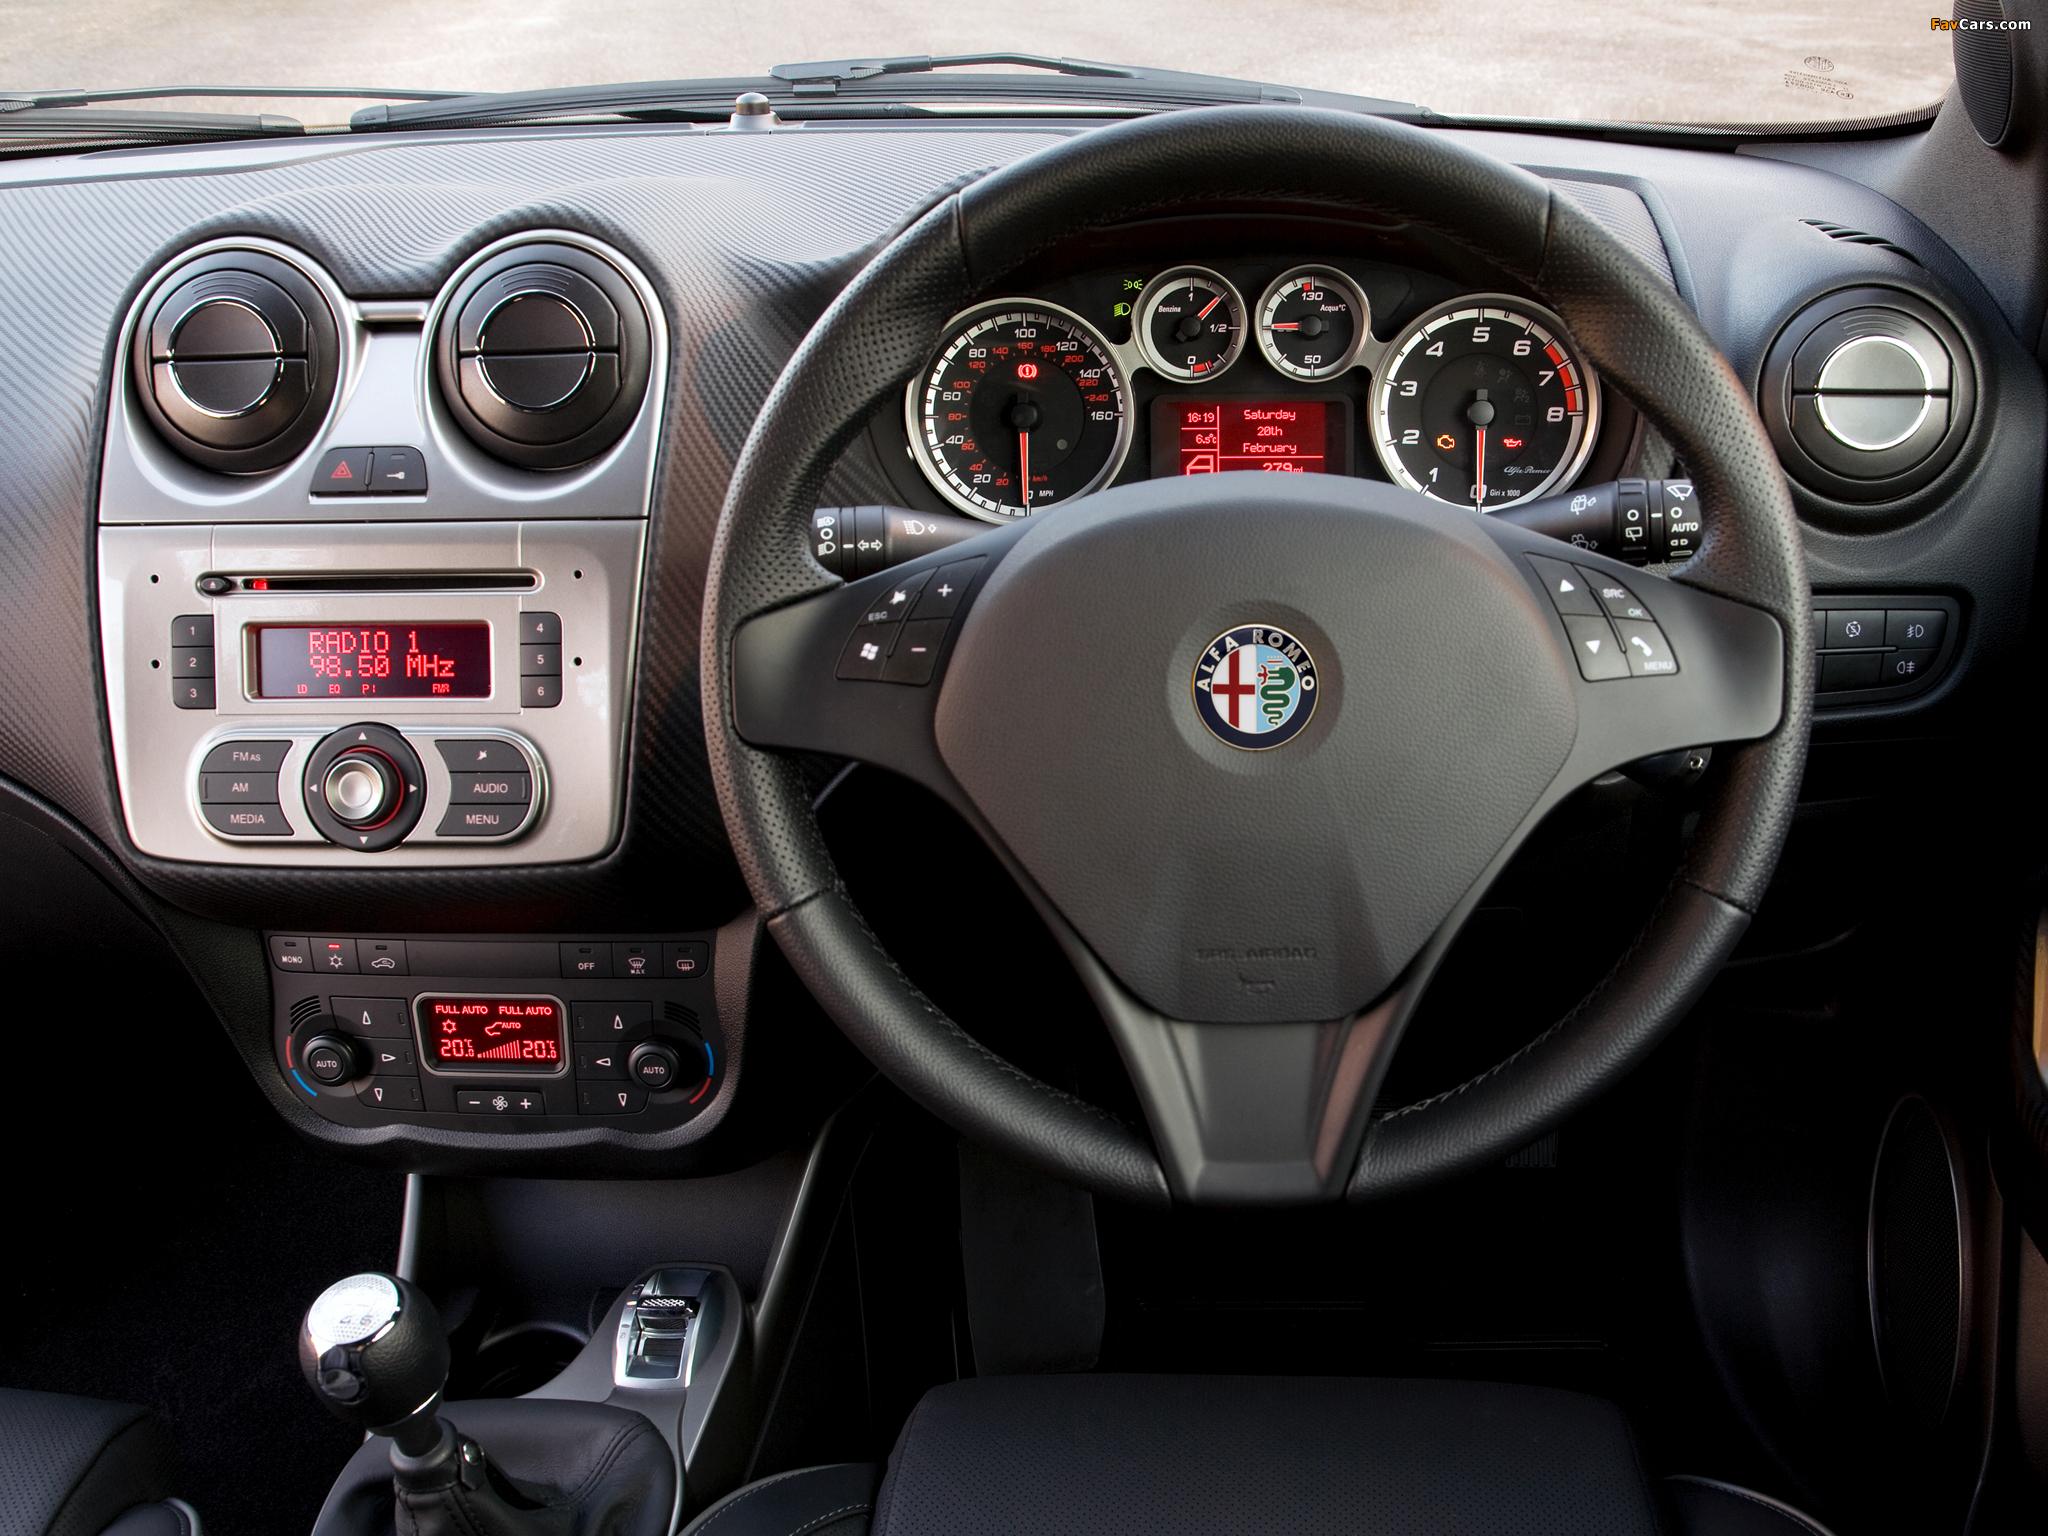 Alfa Romeo MiTo Cloverleaf 955 (2010–2011) pictures (2048 x 1536)